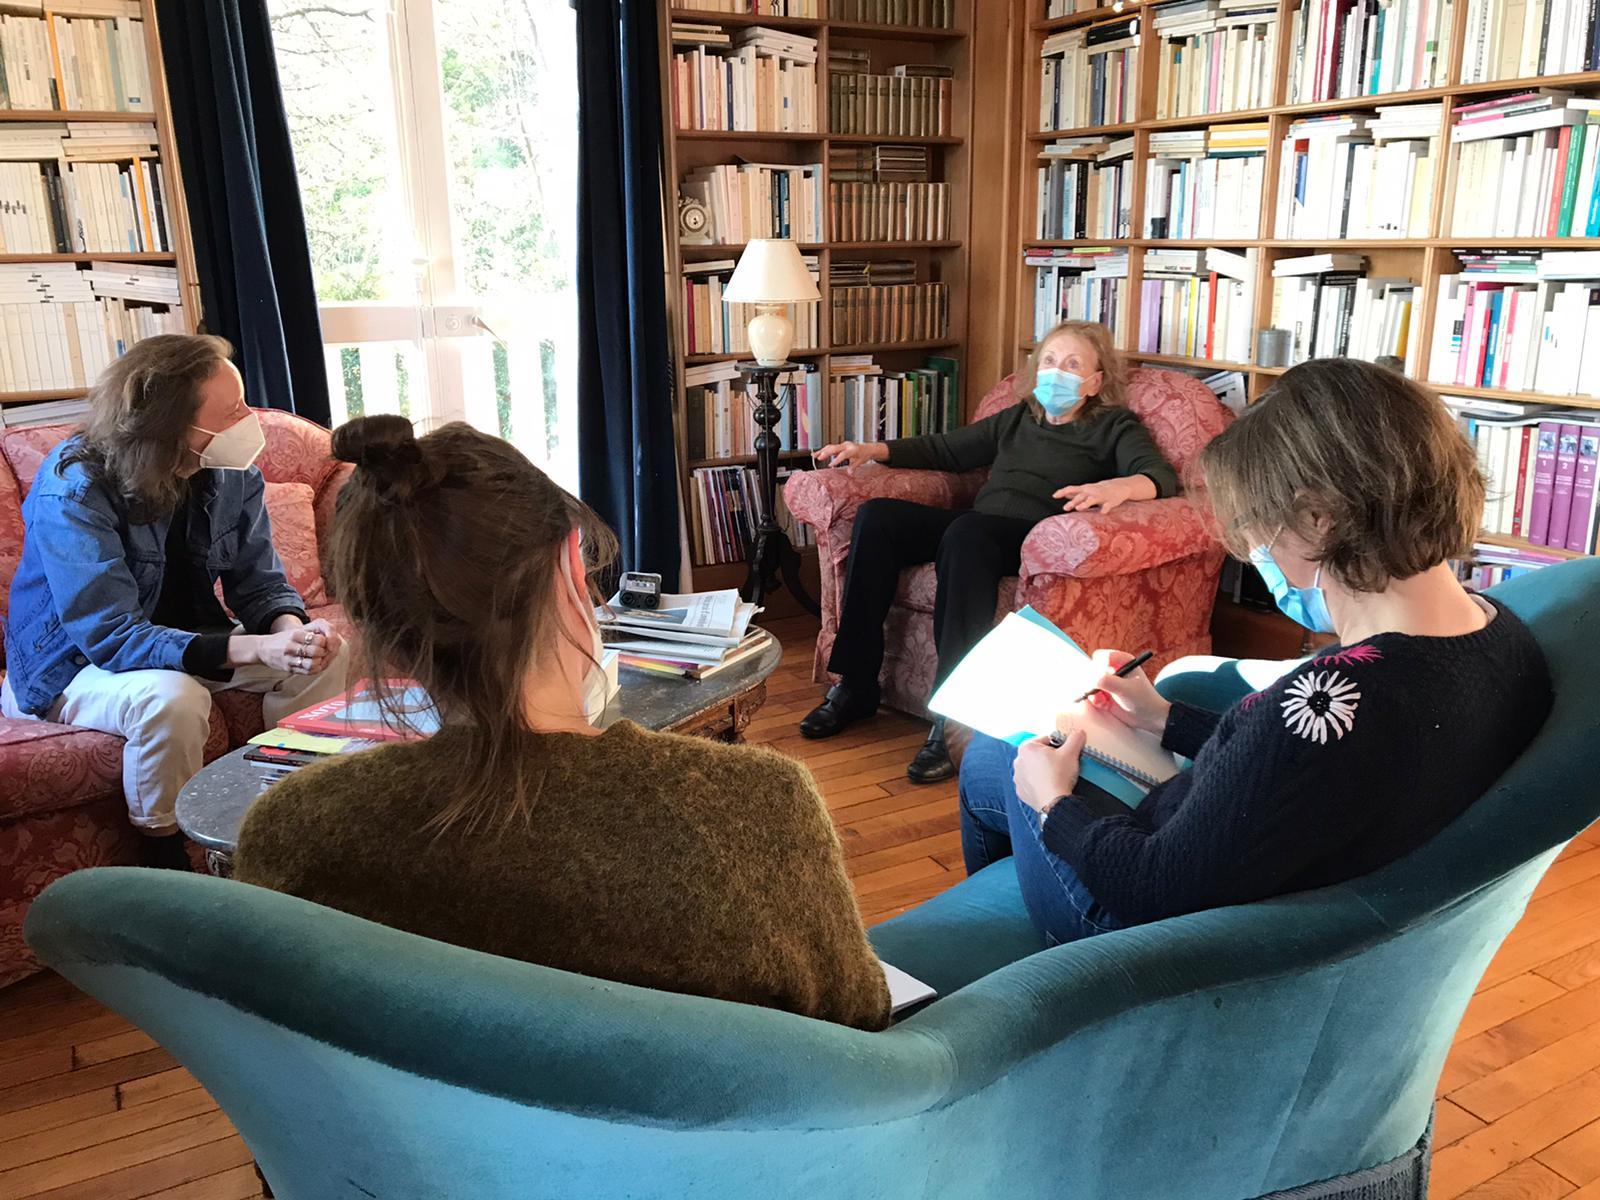 8 décembre 2020, entretien entre les romancières Annie Ernaux et Céline Sciamma. Les journalistes de La Déferlante marquent l'avancée de leur revue sur les réseaux sociaux (Compte Twitter @ladeferlanterevue)